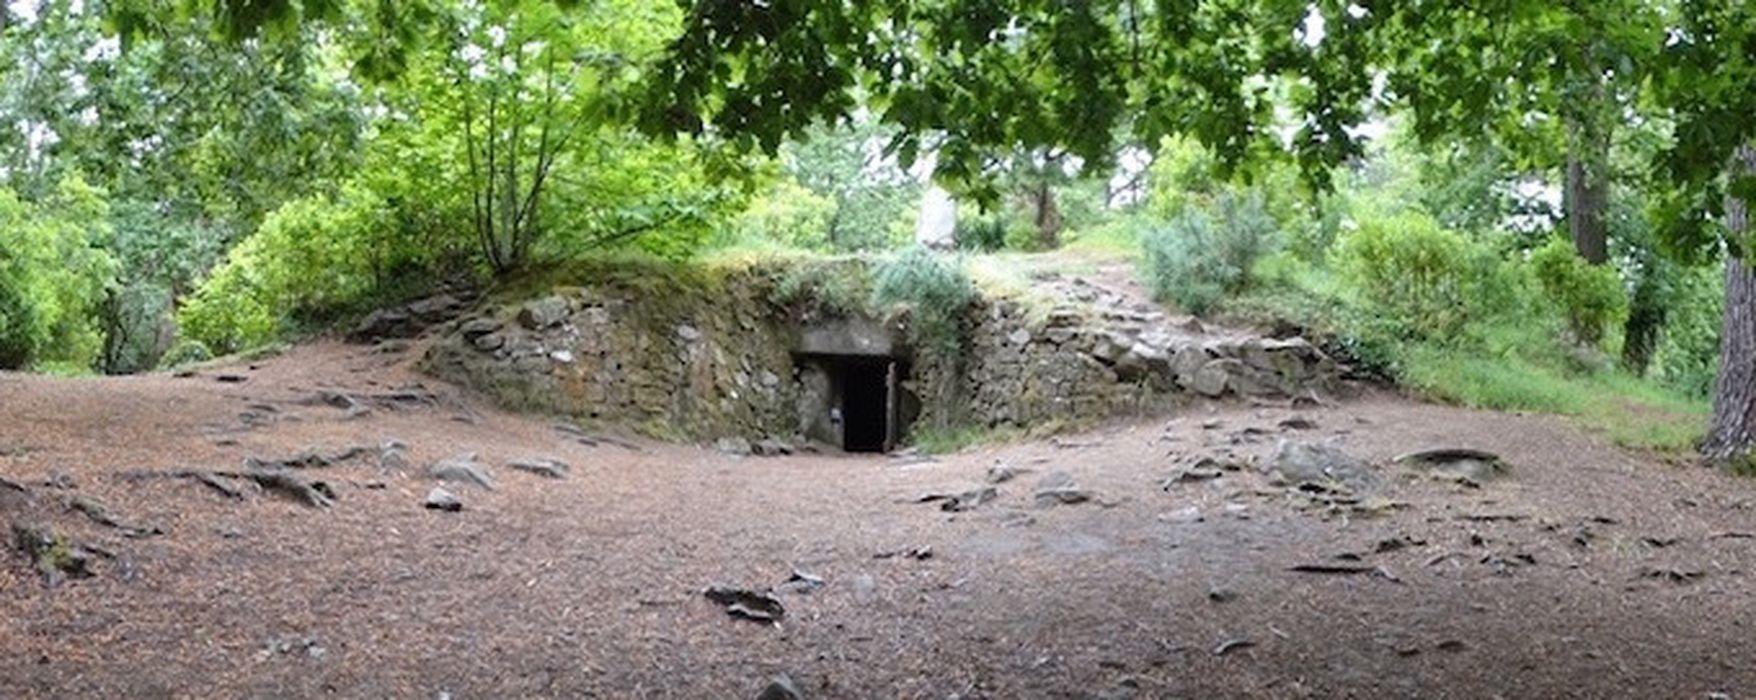 Tumulus-dolmen de Kercado: Vue générale du site